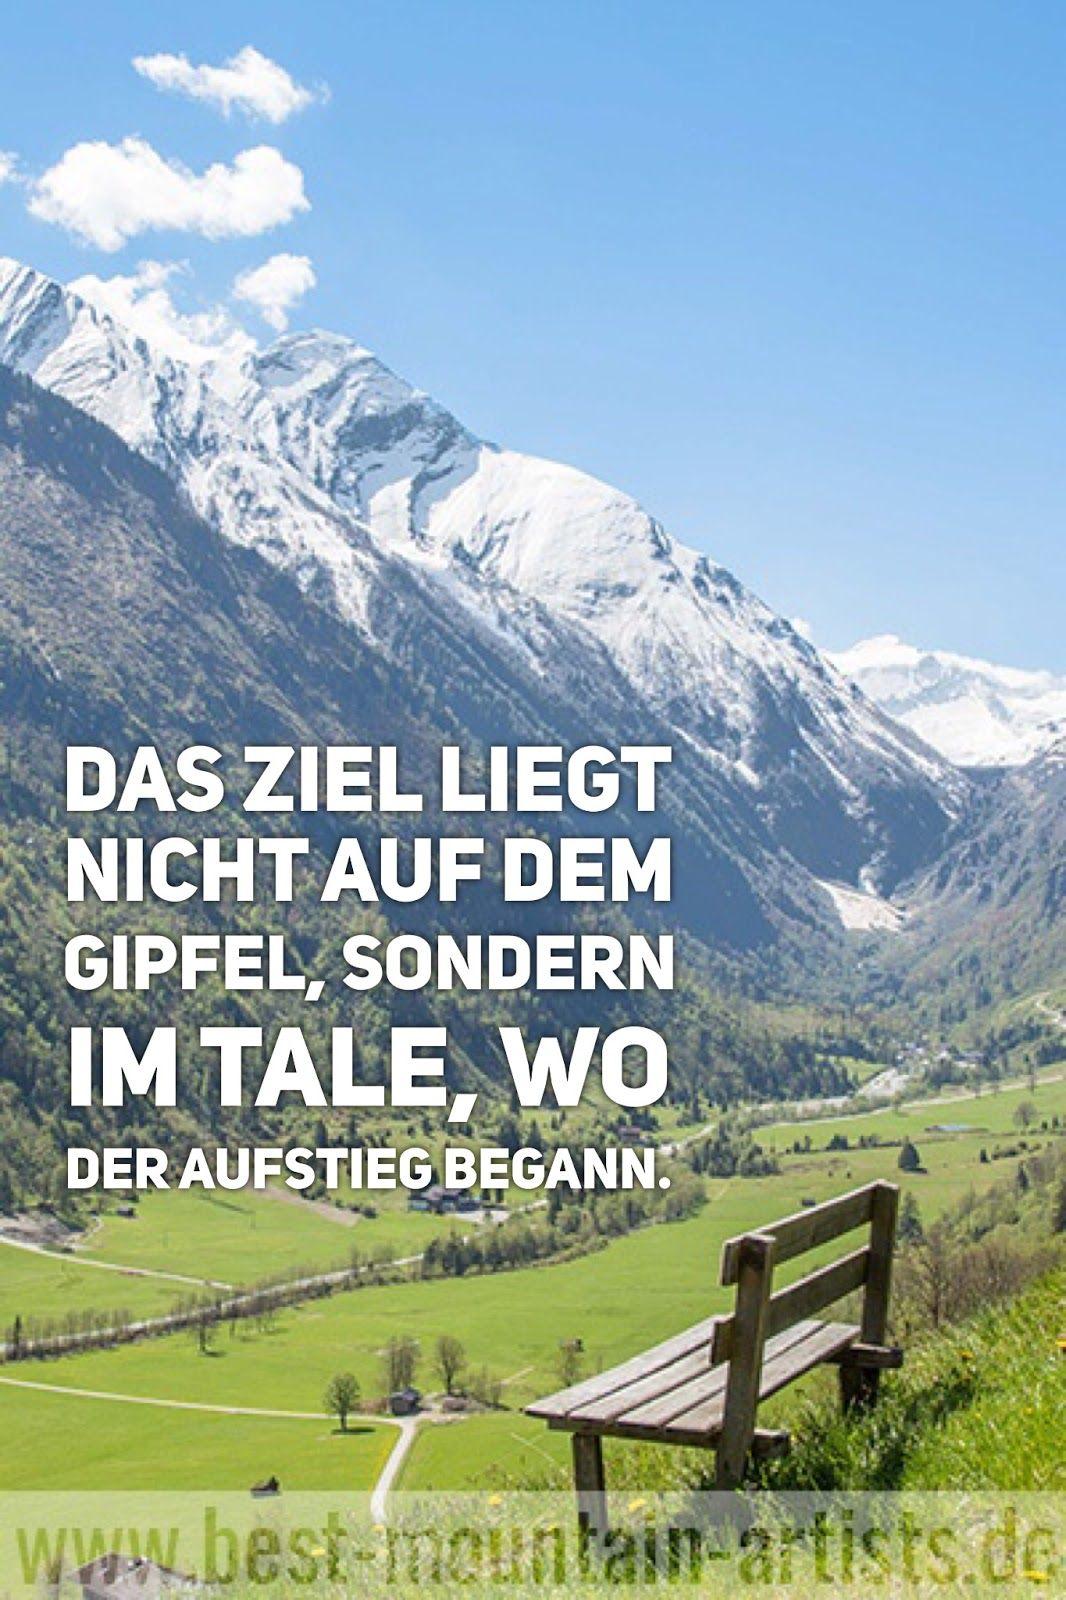 Die 100 Besten Wanderzitate Zitate Wandern Und Berge Zitat Wand